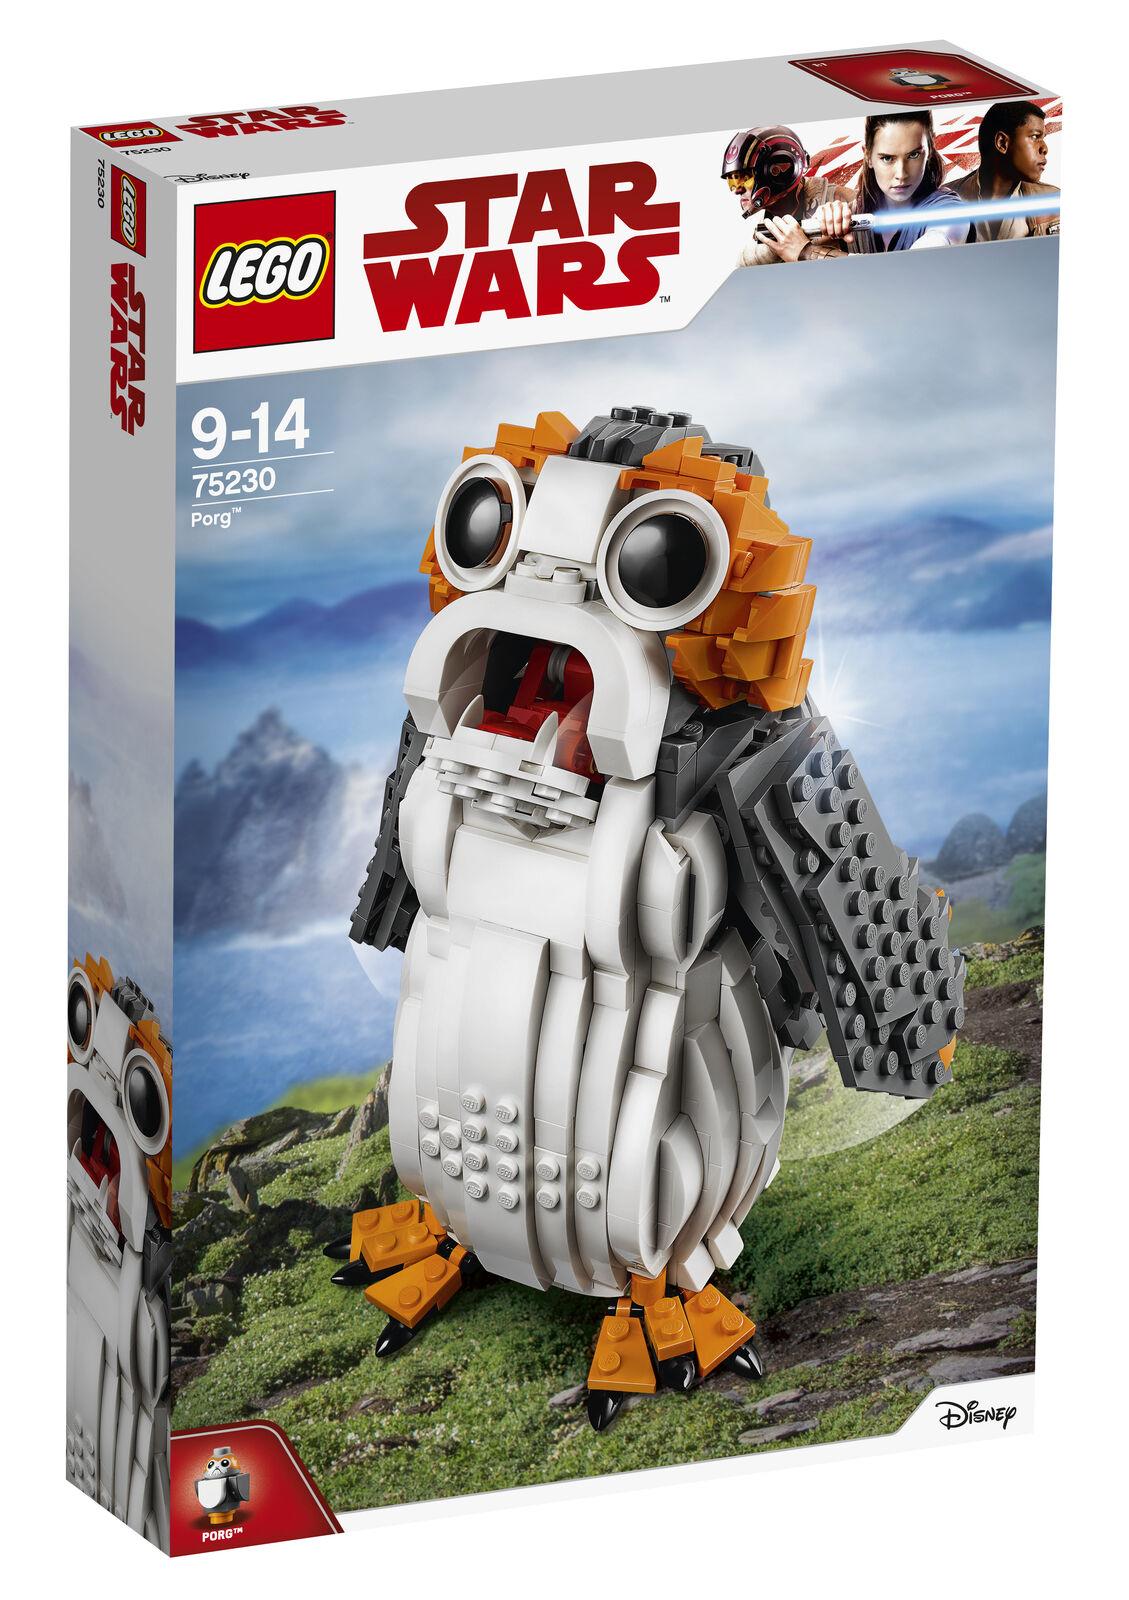 LEGO Star Wars porg  75230  Nuovo in Scatola Building Set Regalo